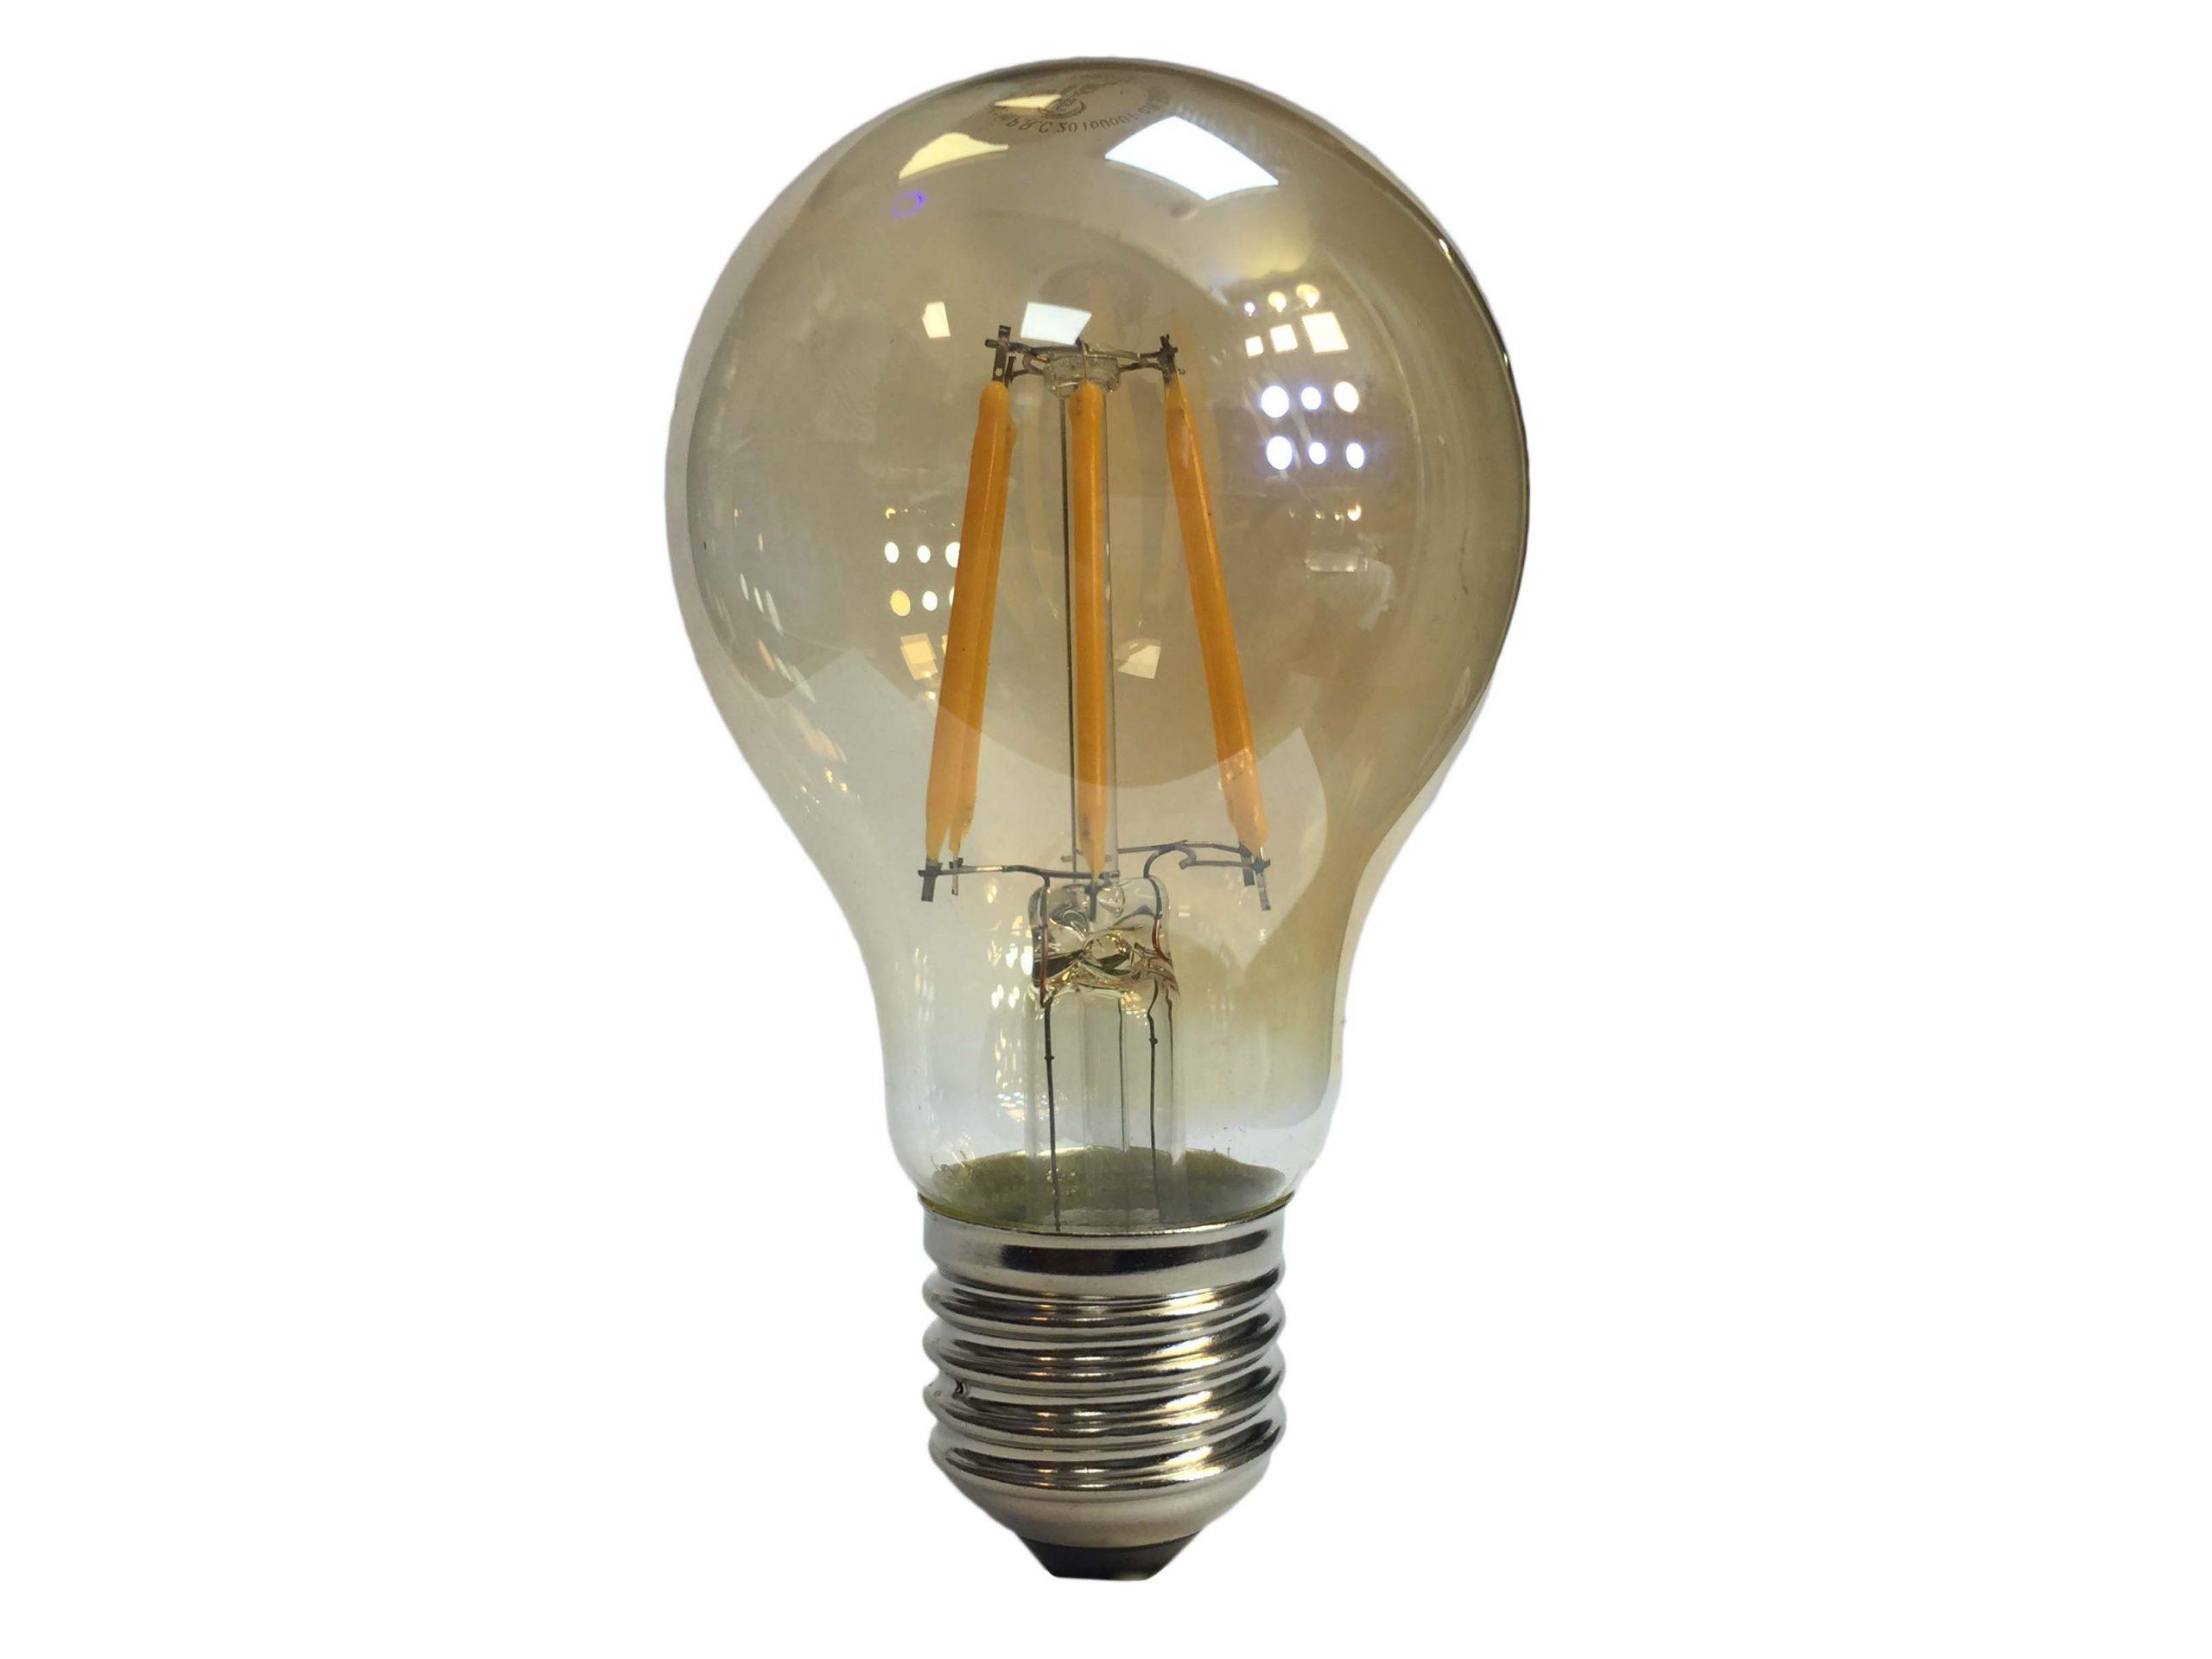 لامپ لوستری فیلامانی 6 وات E27 در رنگهای آفتابی و مهتابی